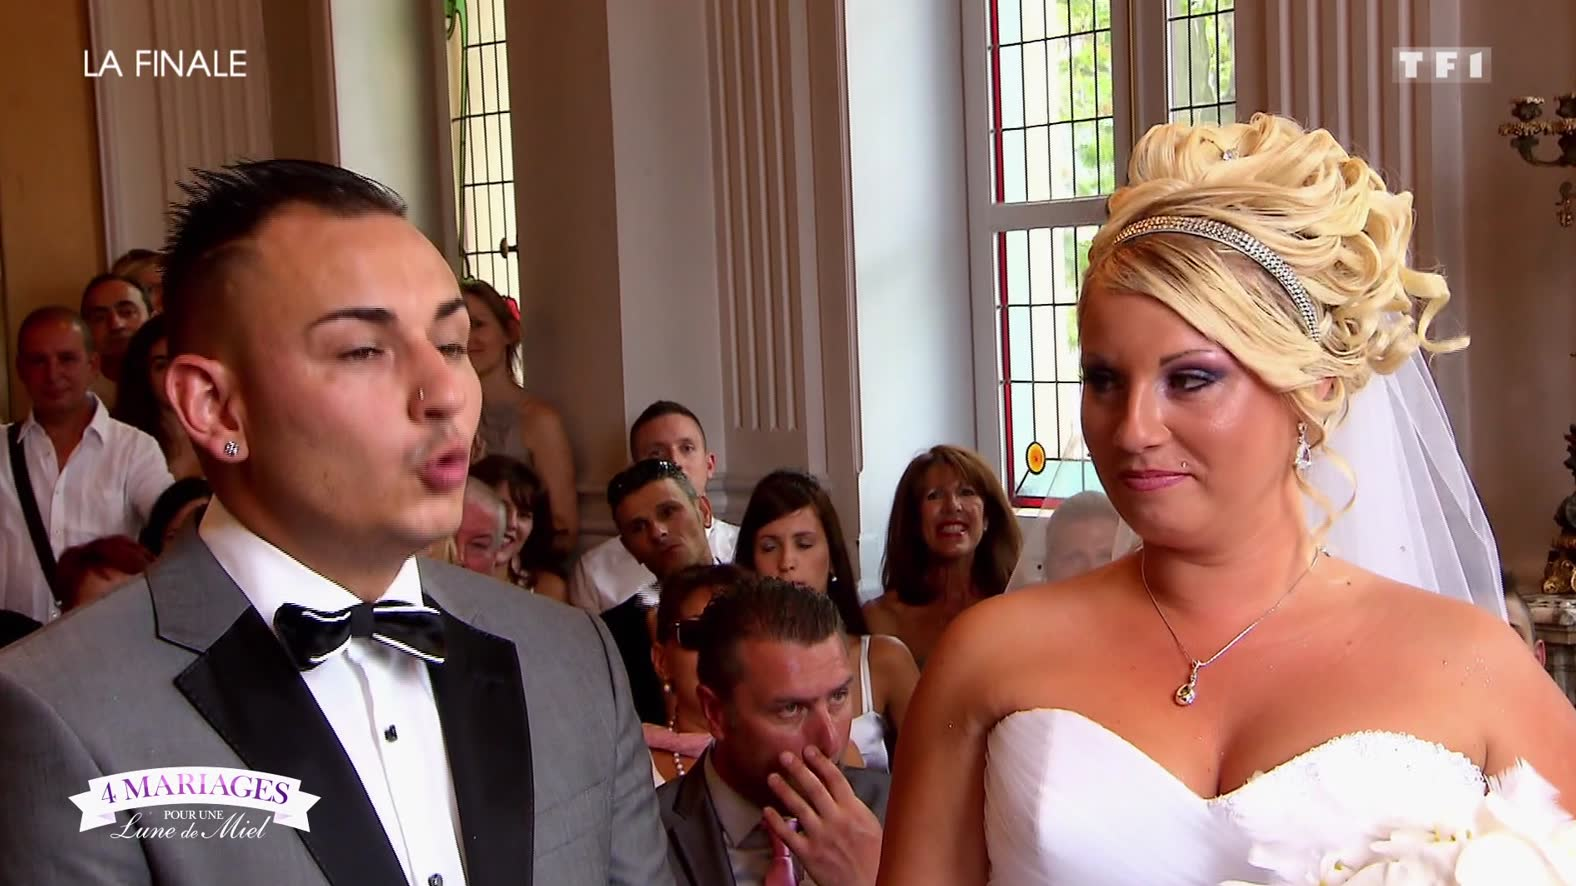 4-mariages-1-lune-de-miel